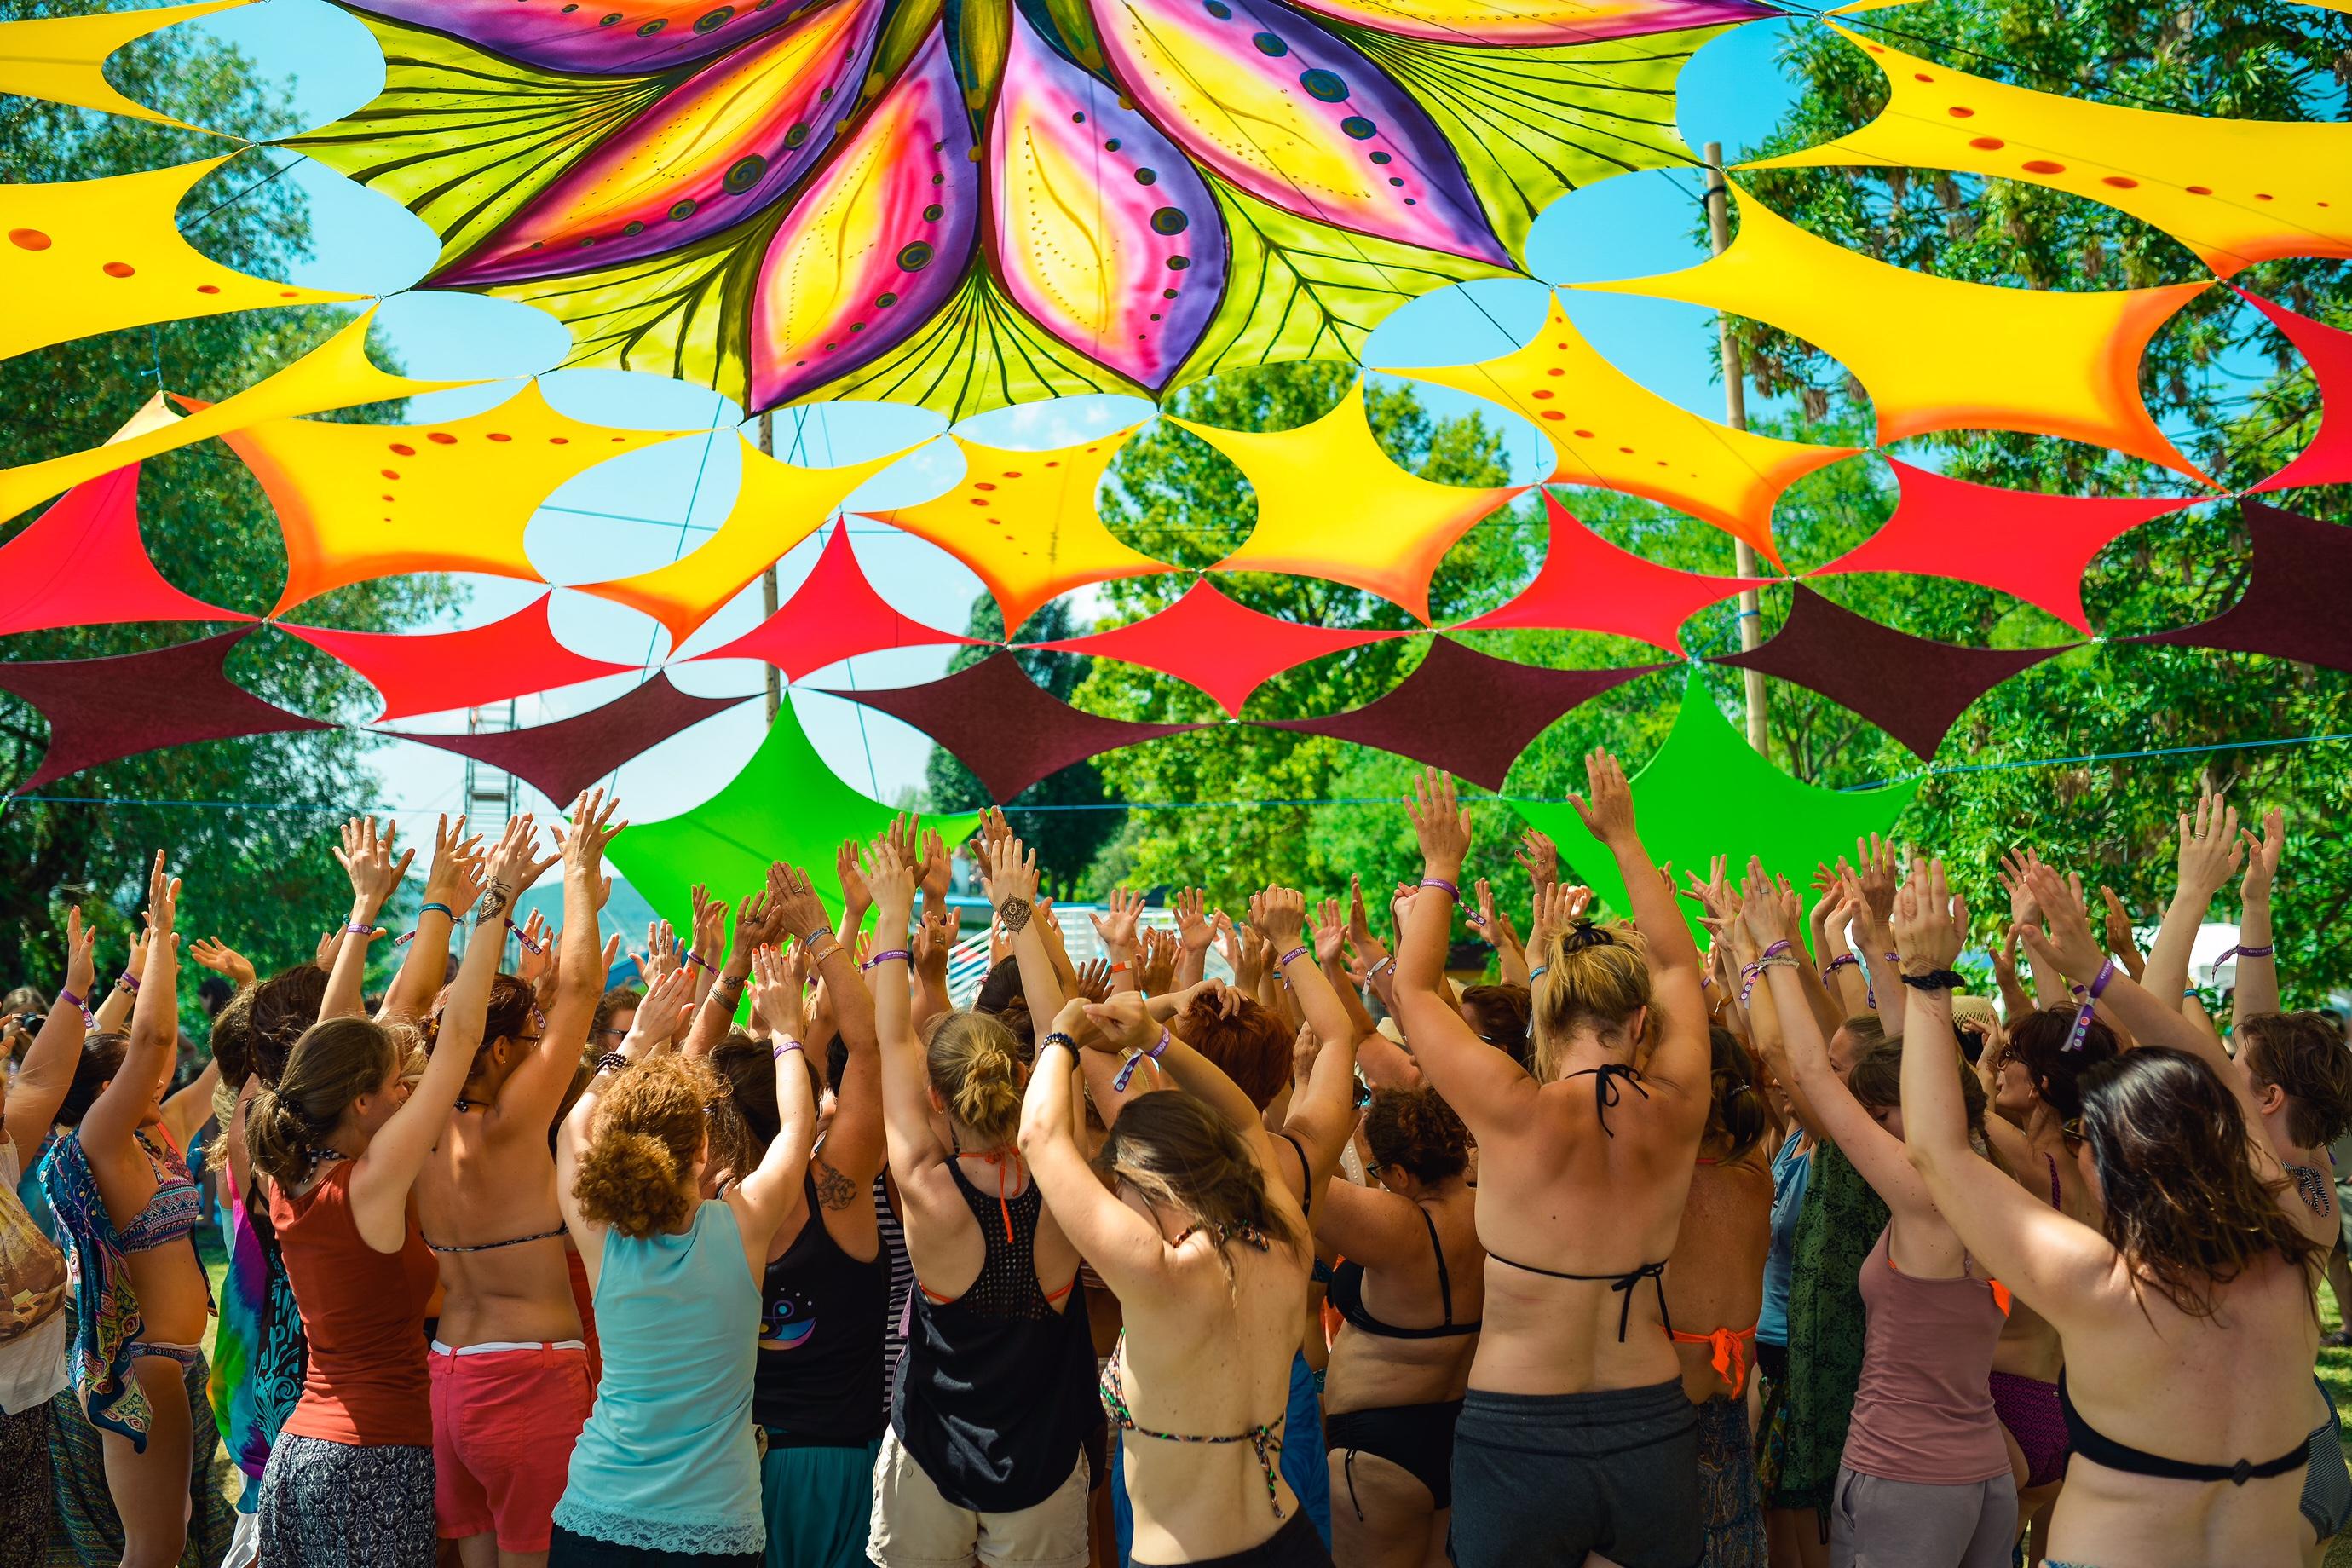 Everness Indián Nyár - négy nap a feltöltődés és az elmélyülés jegyében